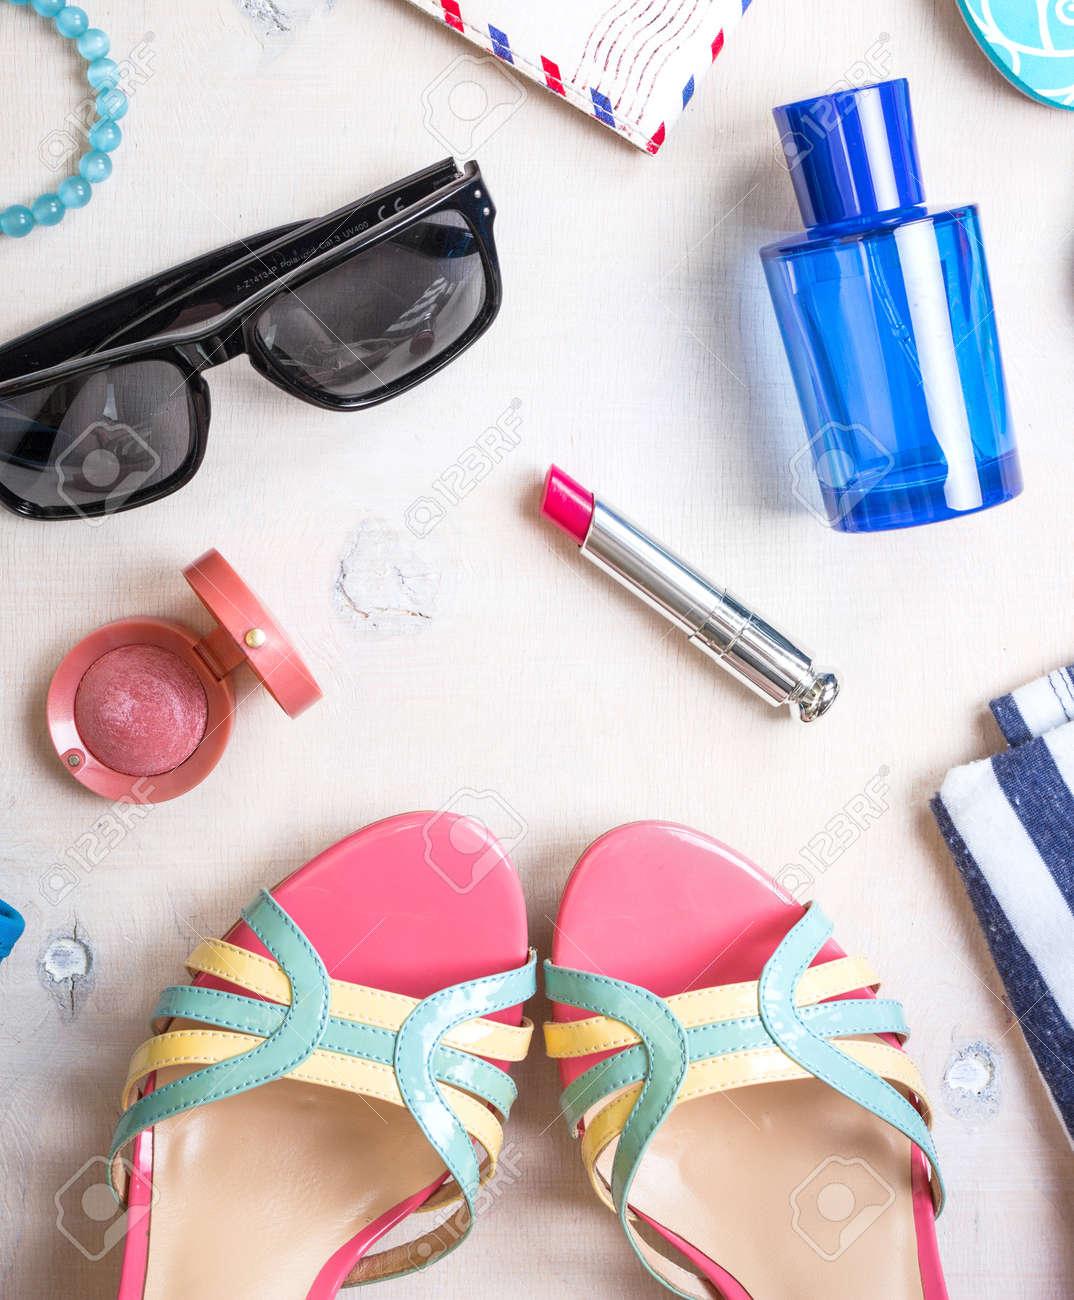 D'accessoires Pour Femmes Rayé BleuRouge D'étéLunettes Ensemble Lèvres À RoseFard De SoleilChaussuresPantouflesPasseportSac fbygYv76